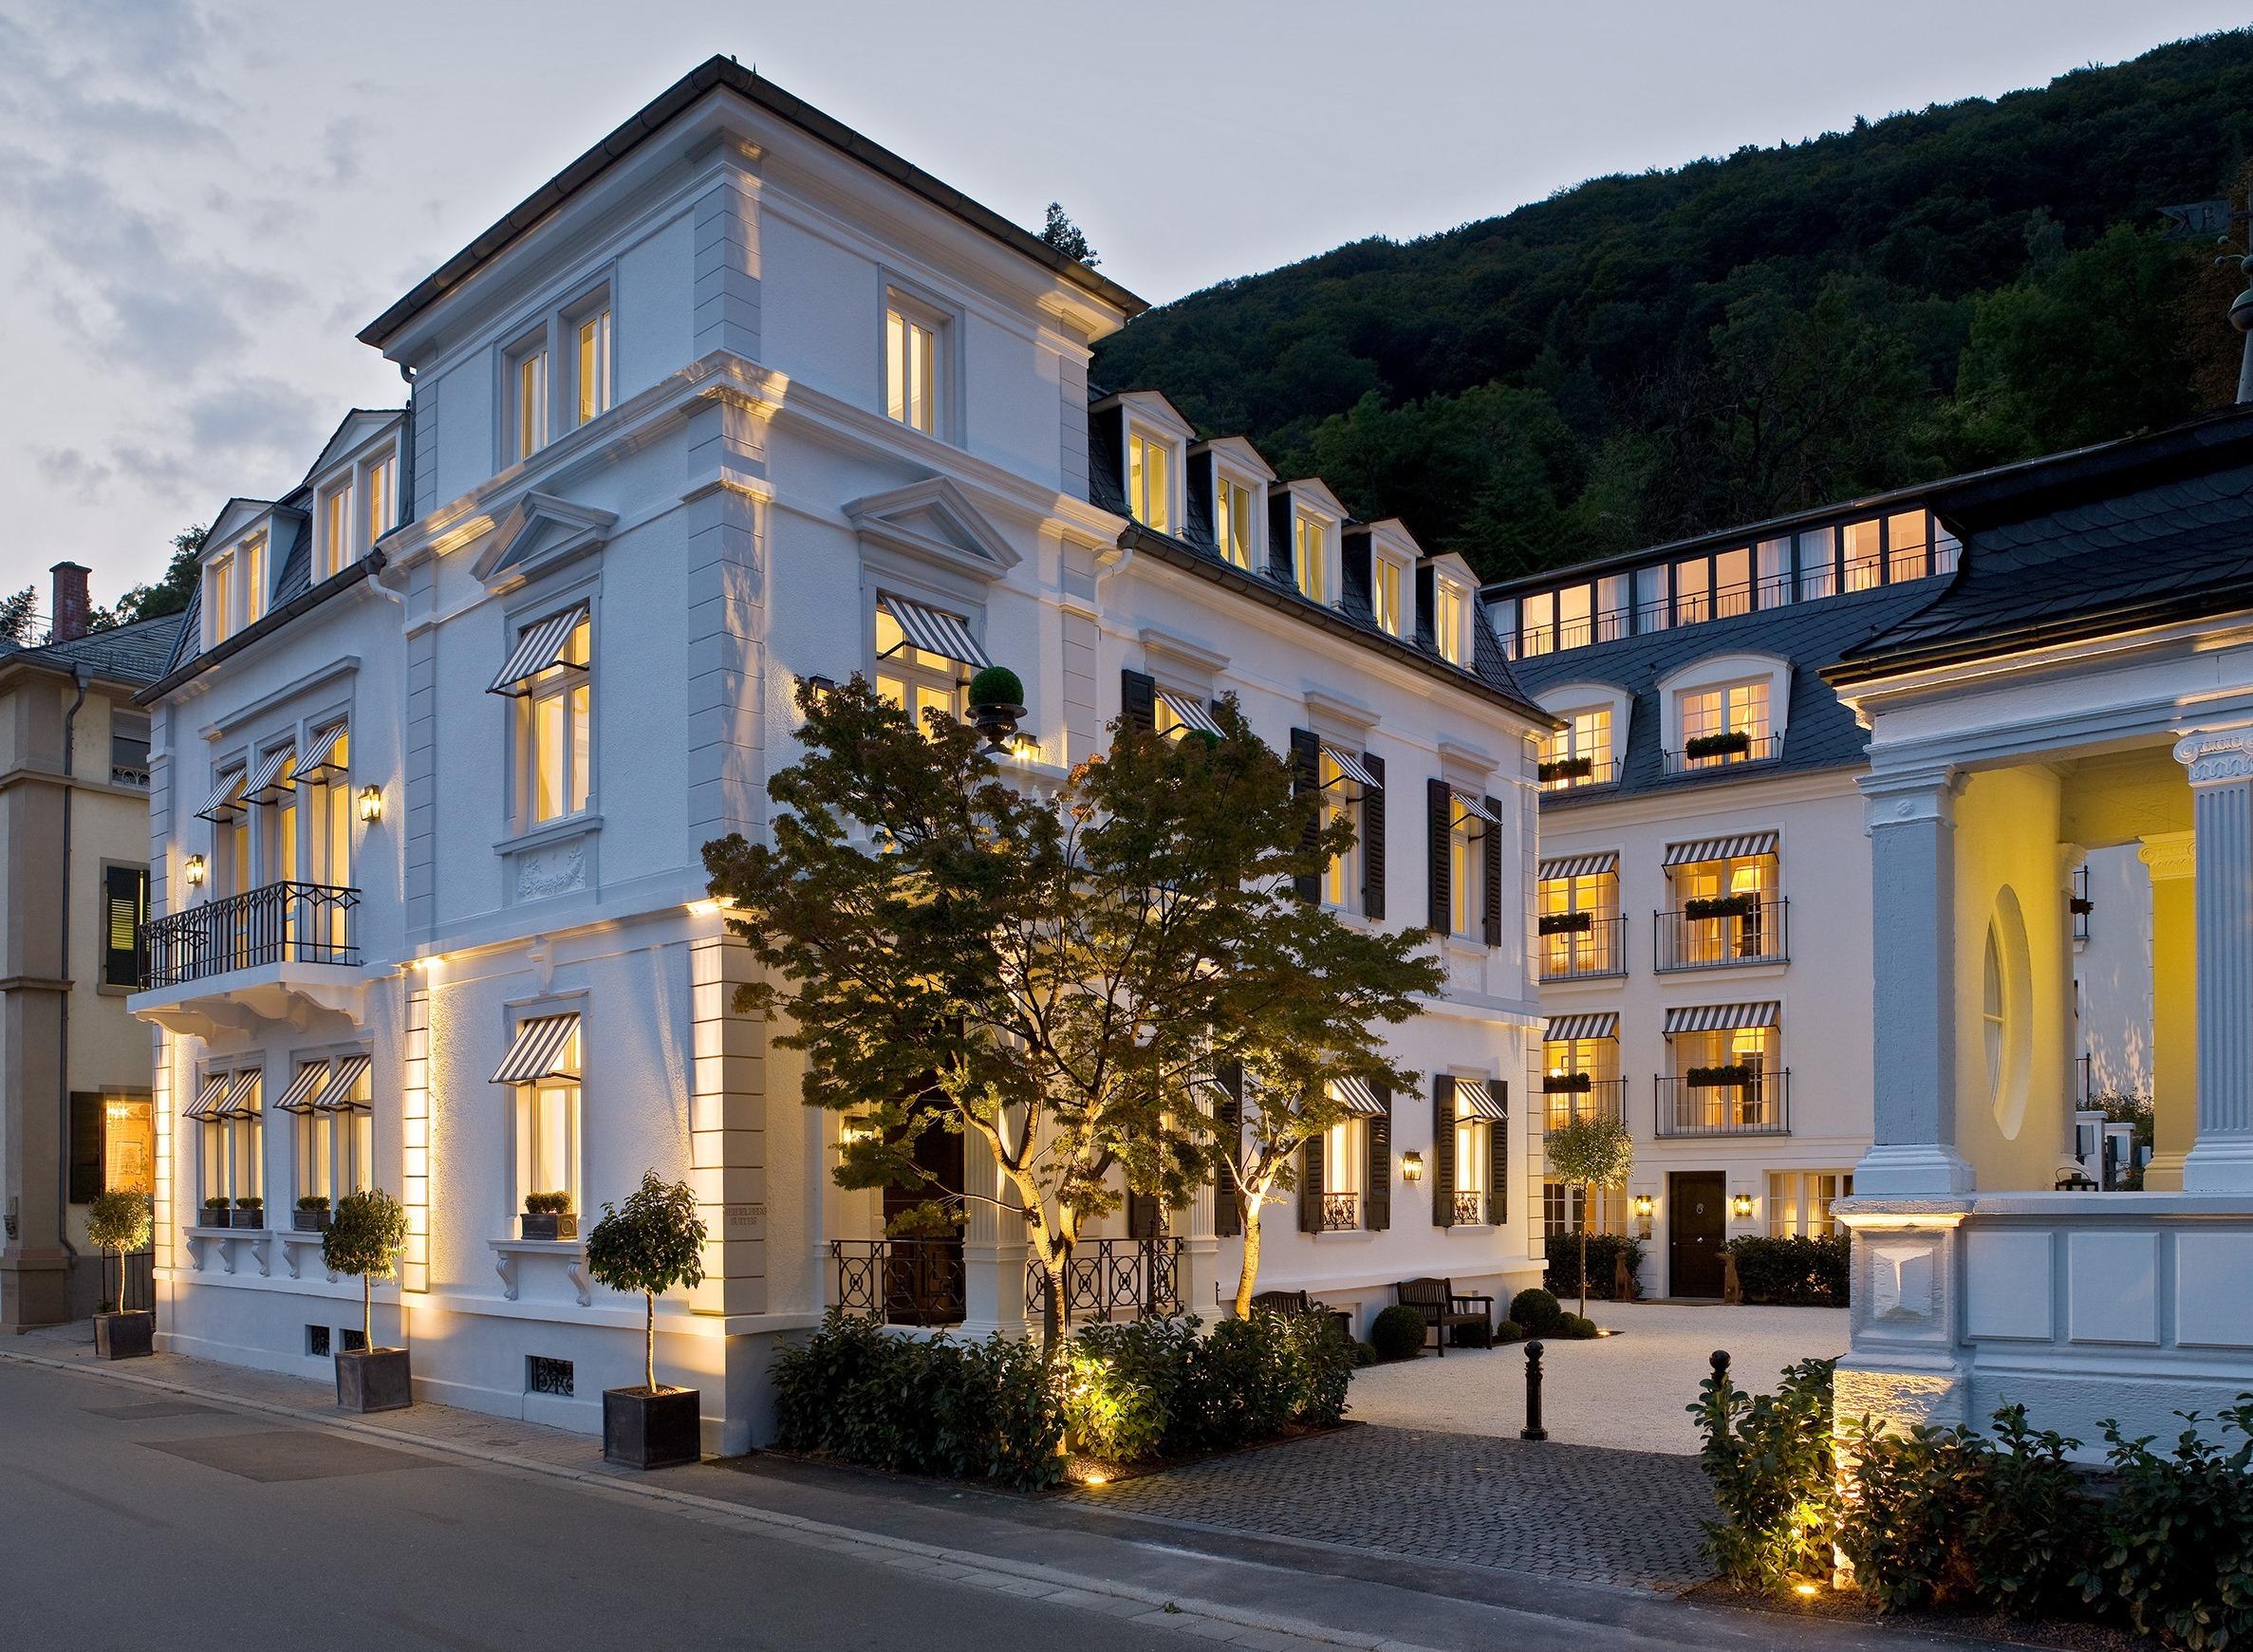 Finden Sie Die Schonsten Hotels In Der Heidelberger Altstadt